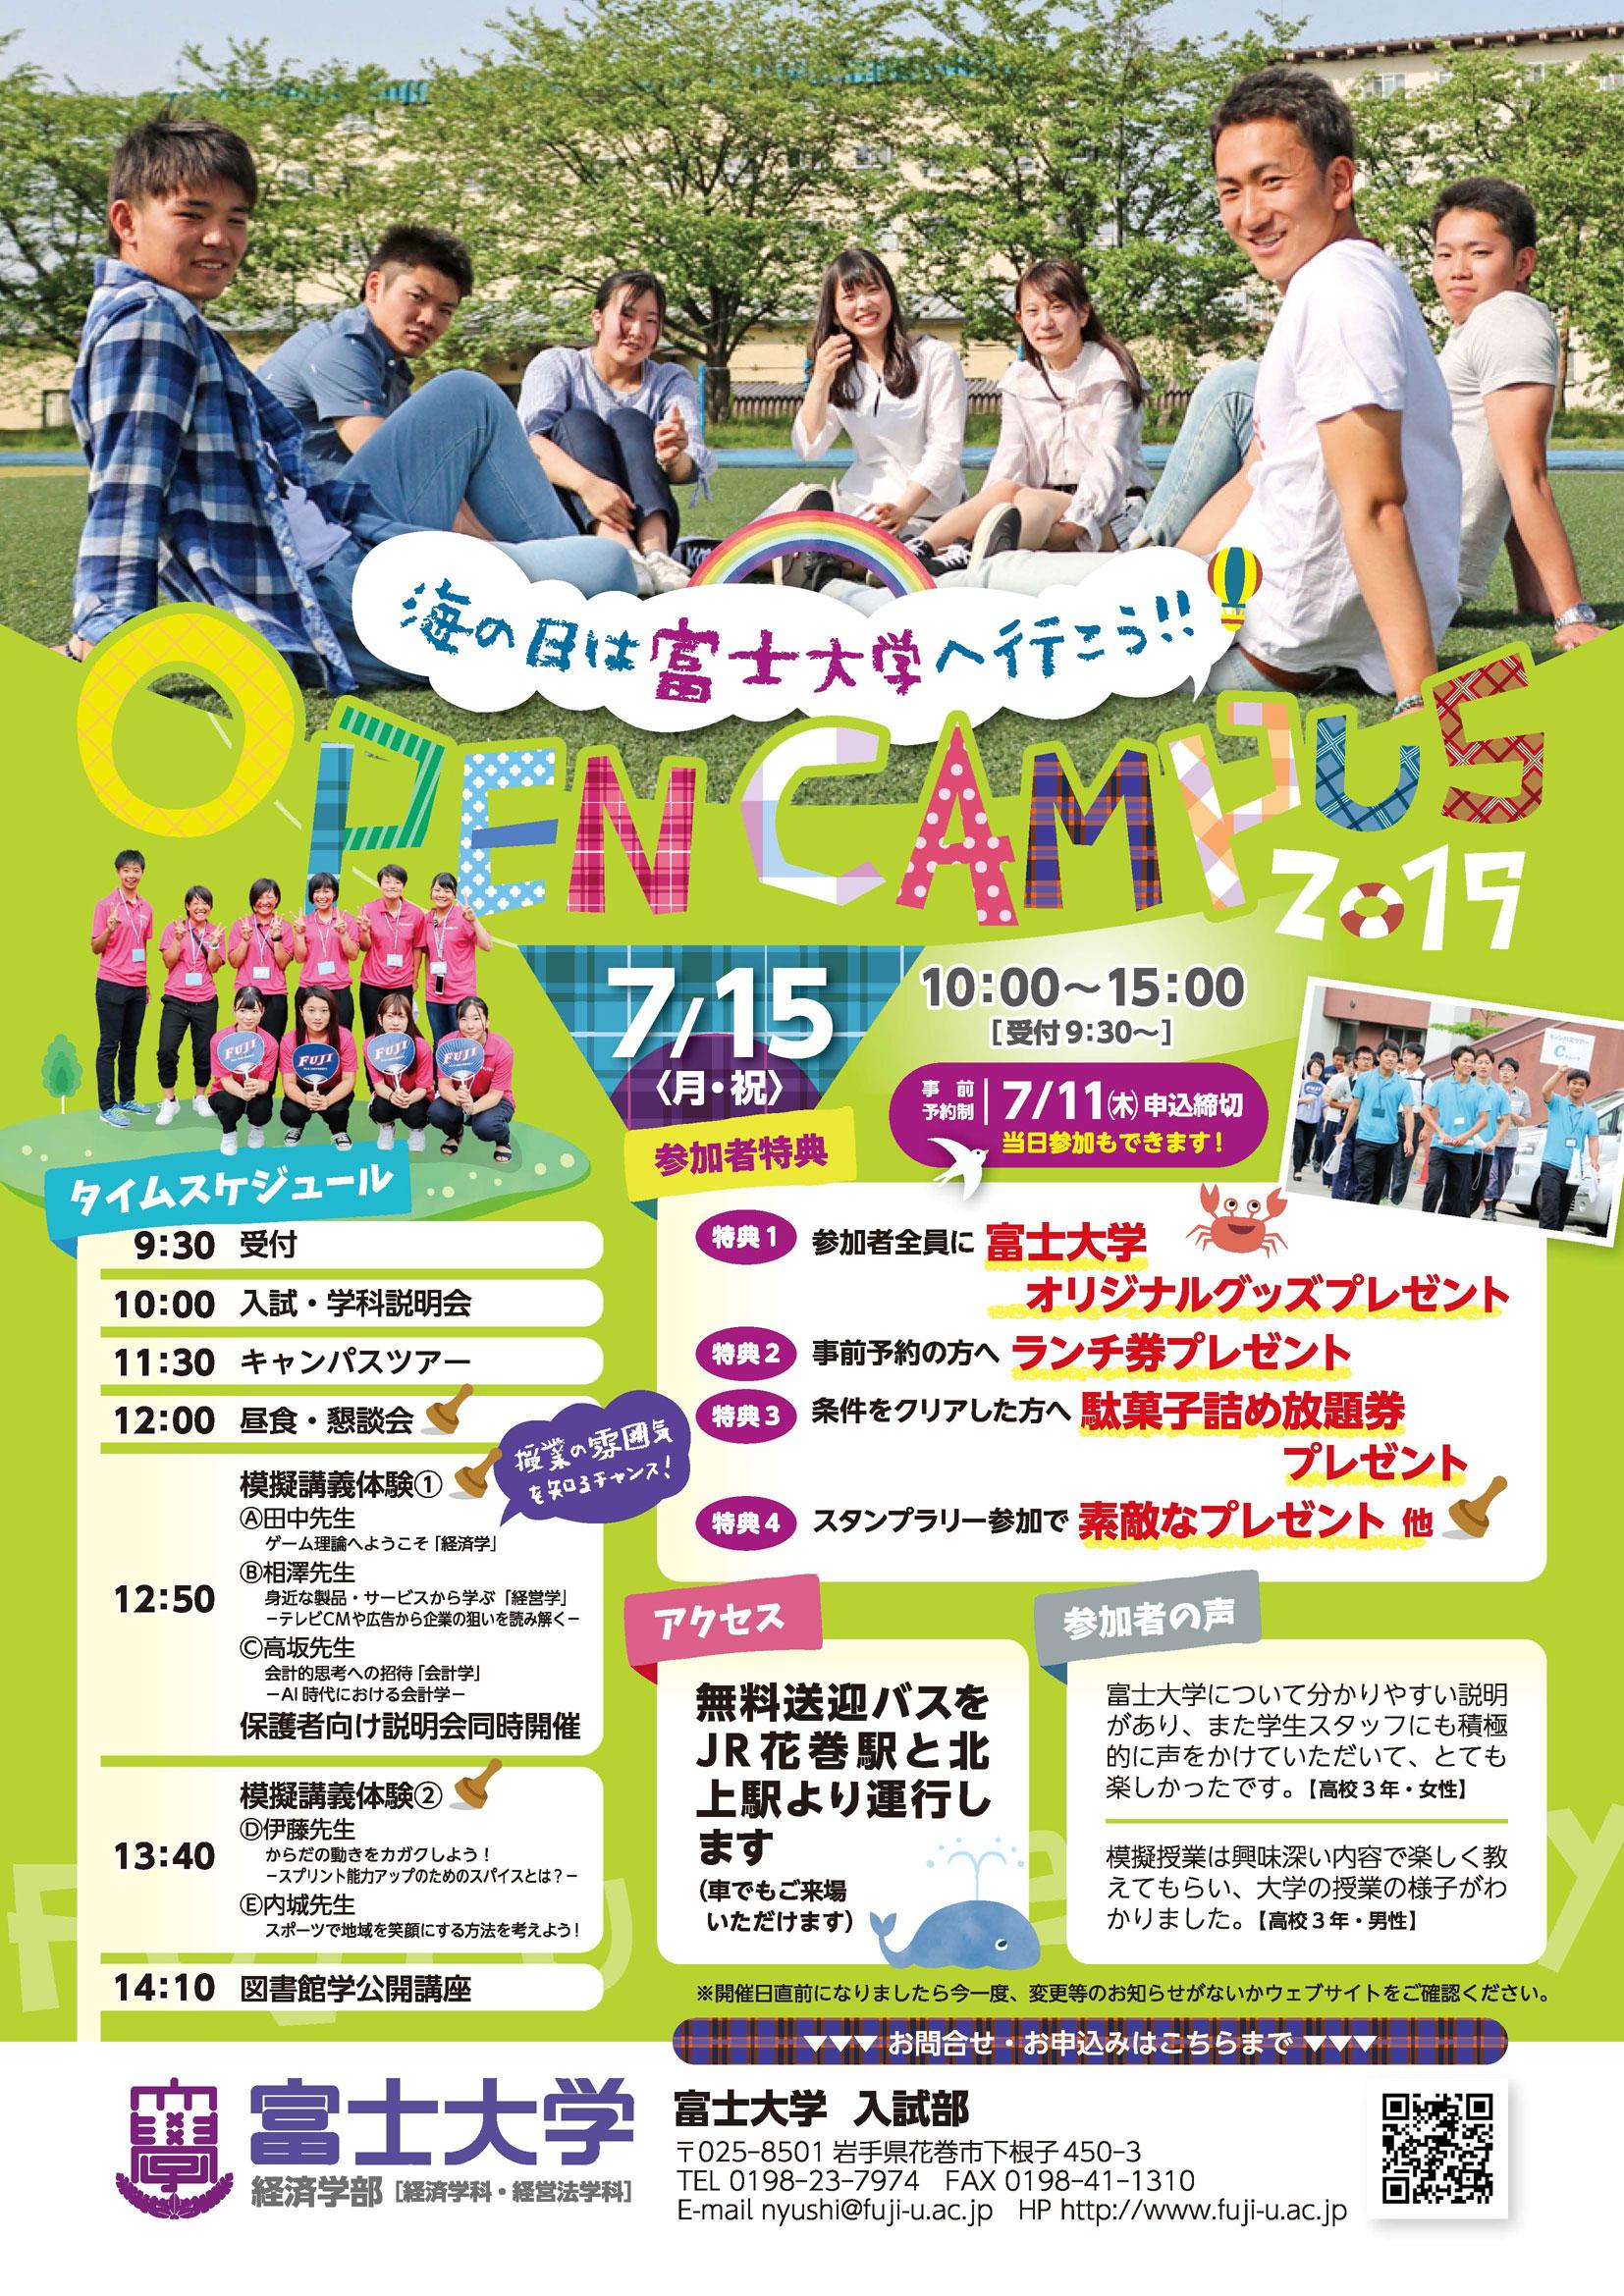 富士大学オープンキャンパス